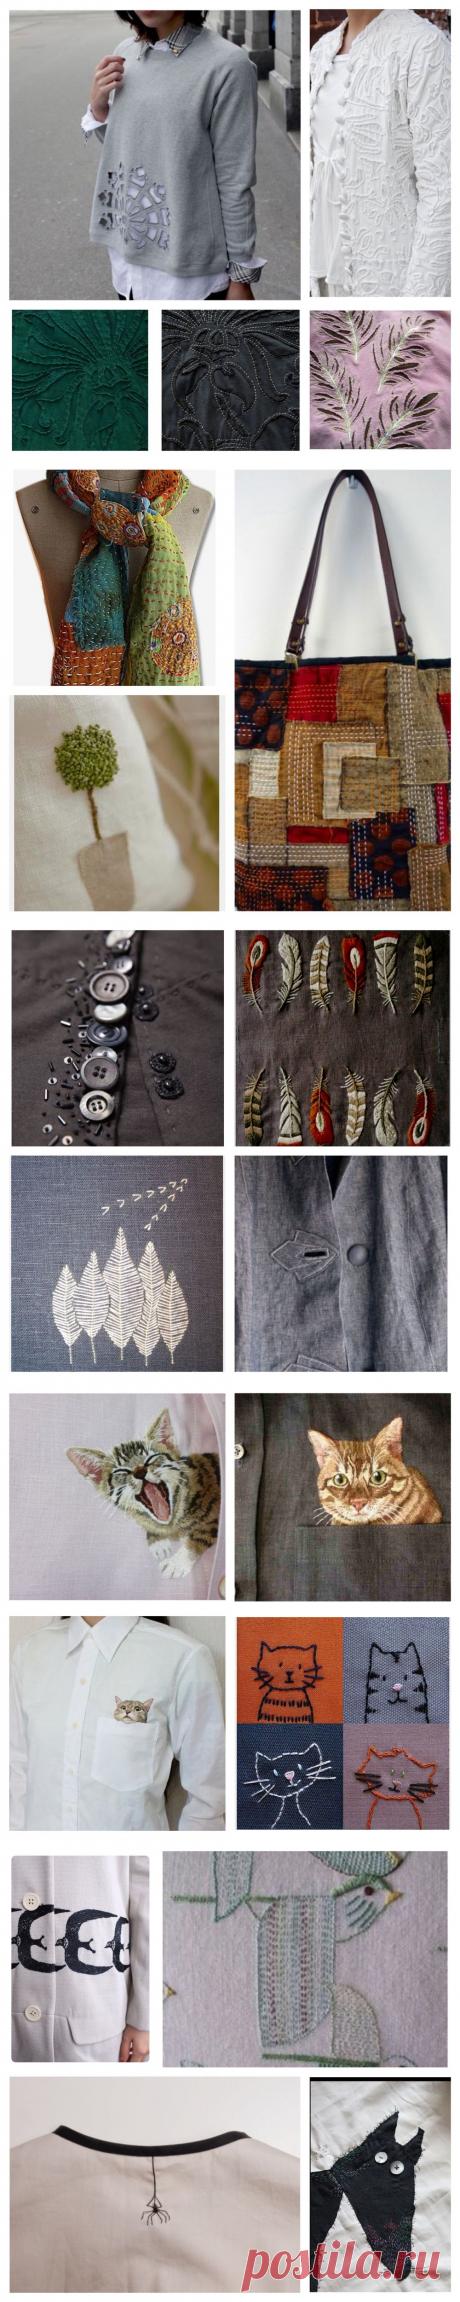 Детали решают все, или Превращаем обычную одежду в арт-объект